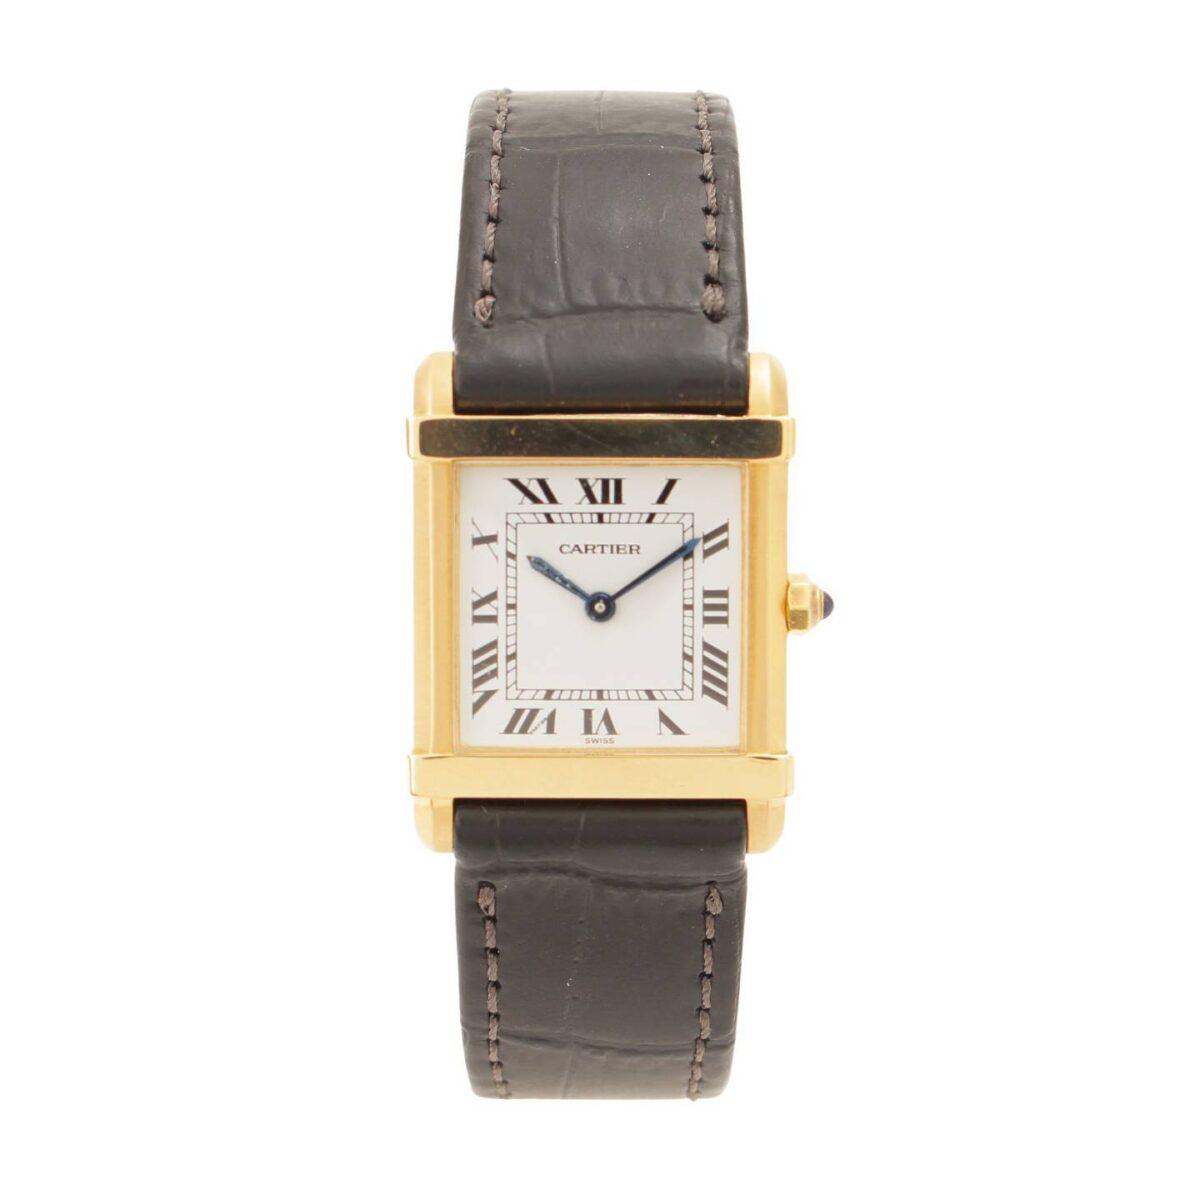 Cartier タンクシノワーズSM